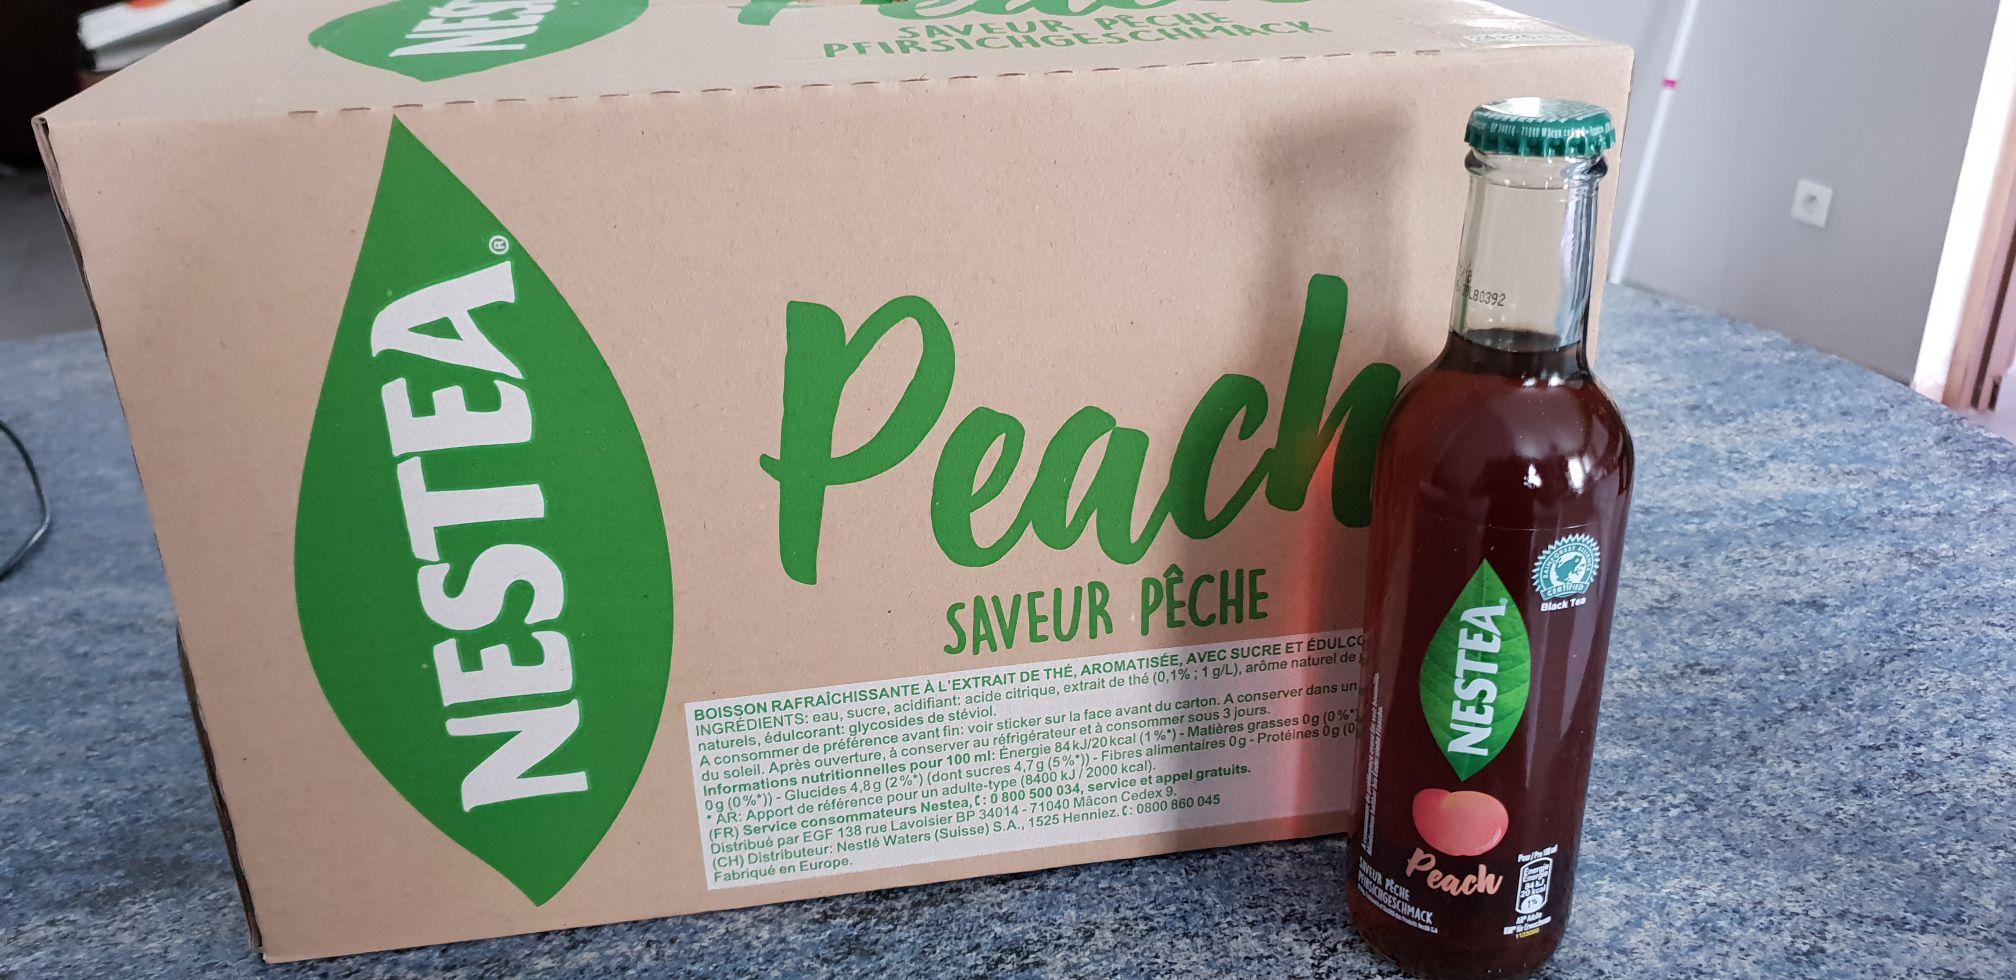 Pack de 24 Bouteilles de Nestea Pêche 14* 25cl - à L'entrepot destock (Douai 59)